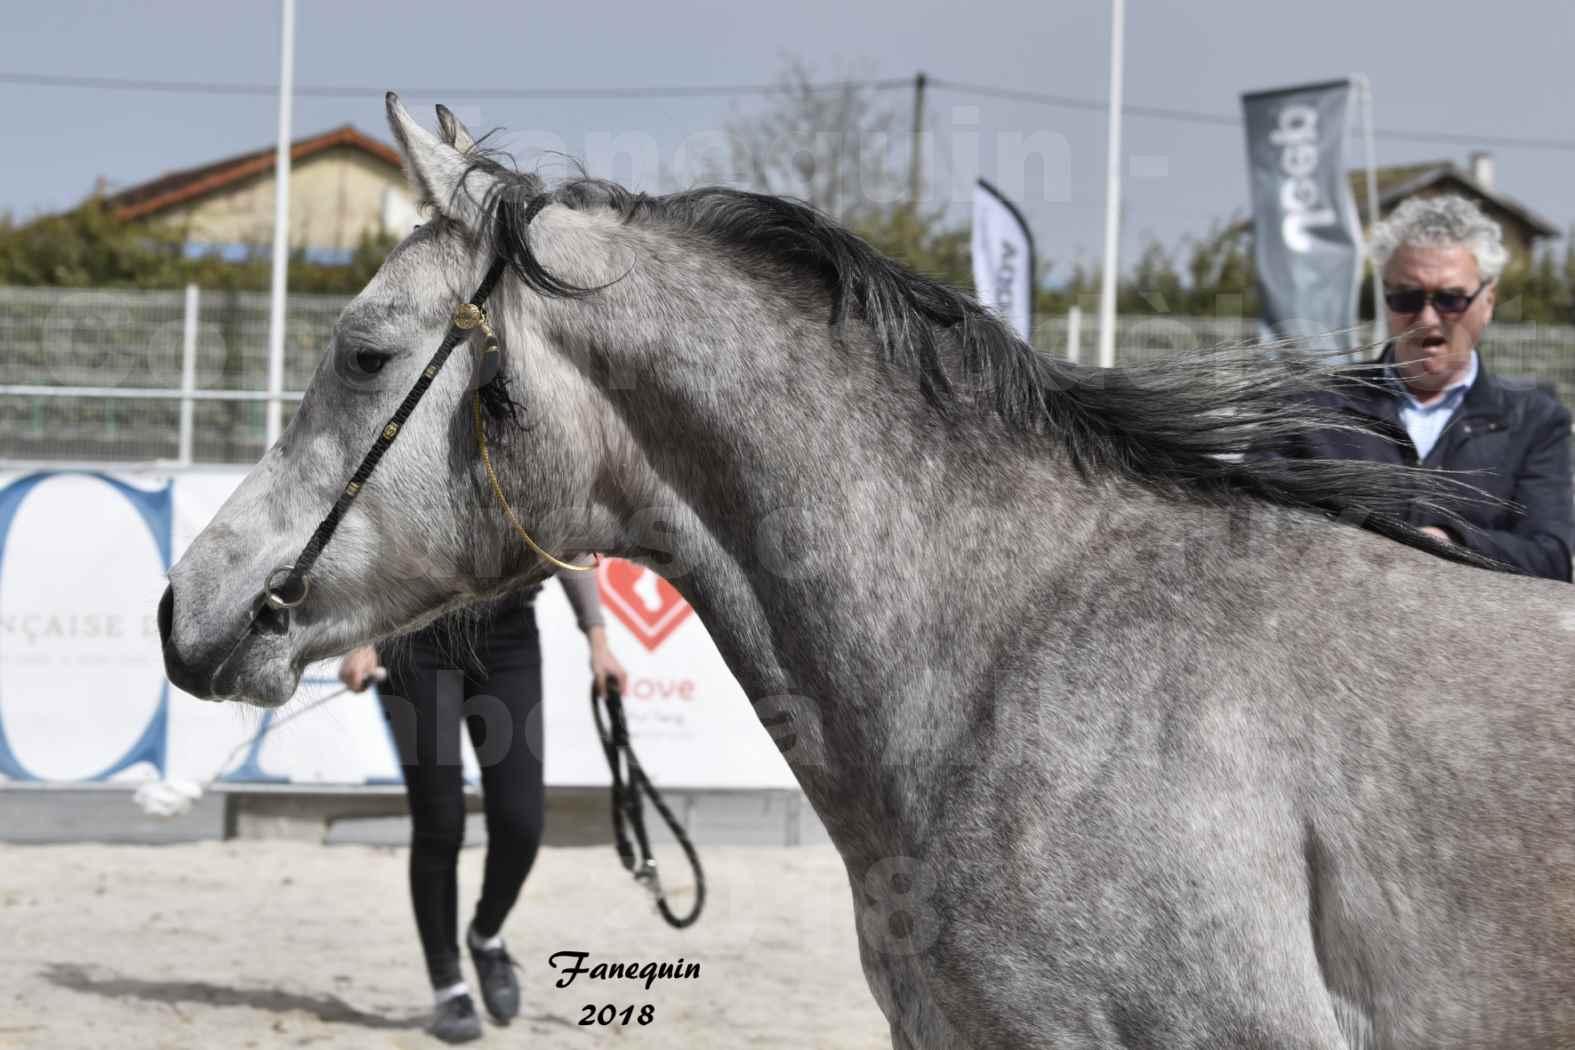 Concours d'élevage de Chevaux Arabes - D. S. A. - A. A. - ALBI les 6 & 7 Avril 2018 - FLORAC LARZAC - Notre Sélection - Portraits - 1